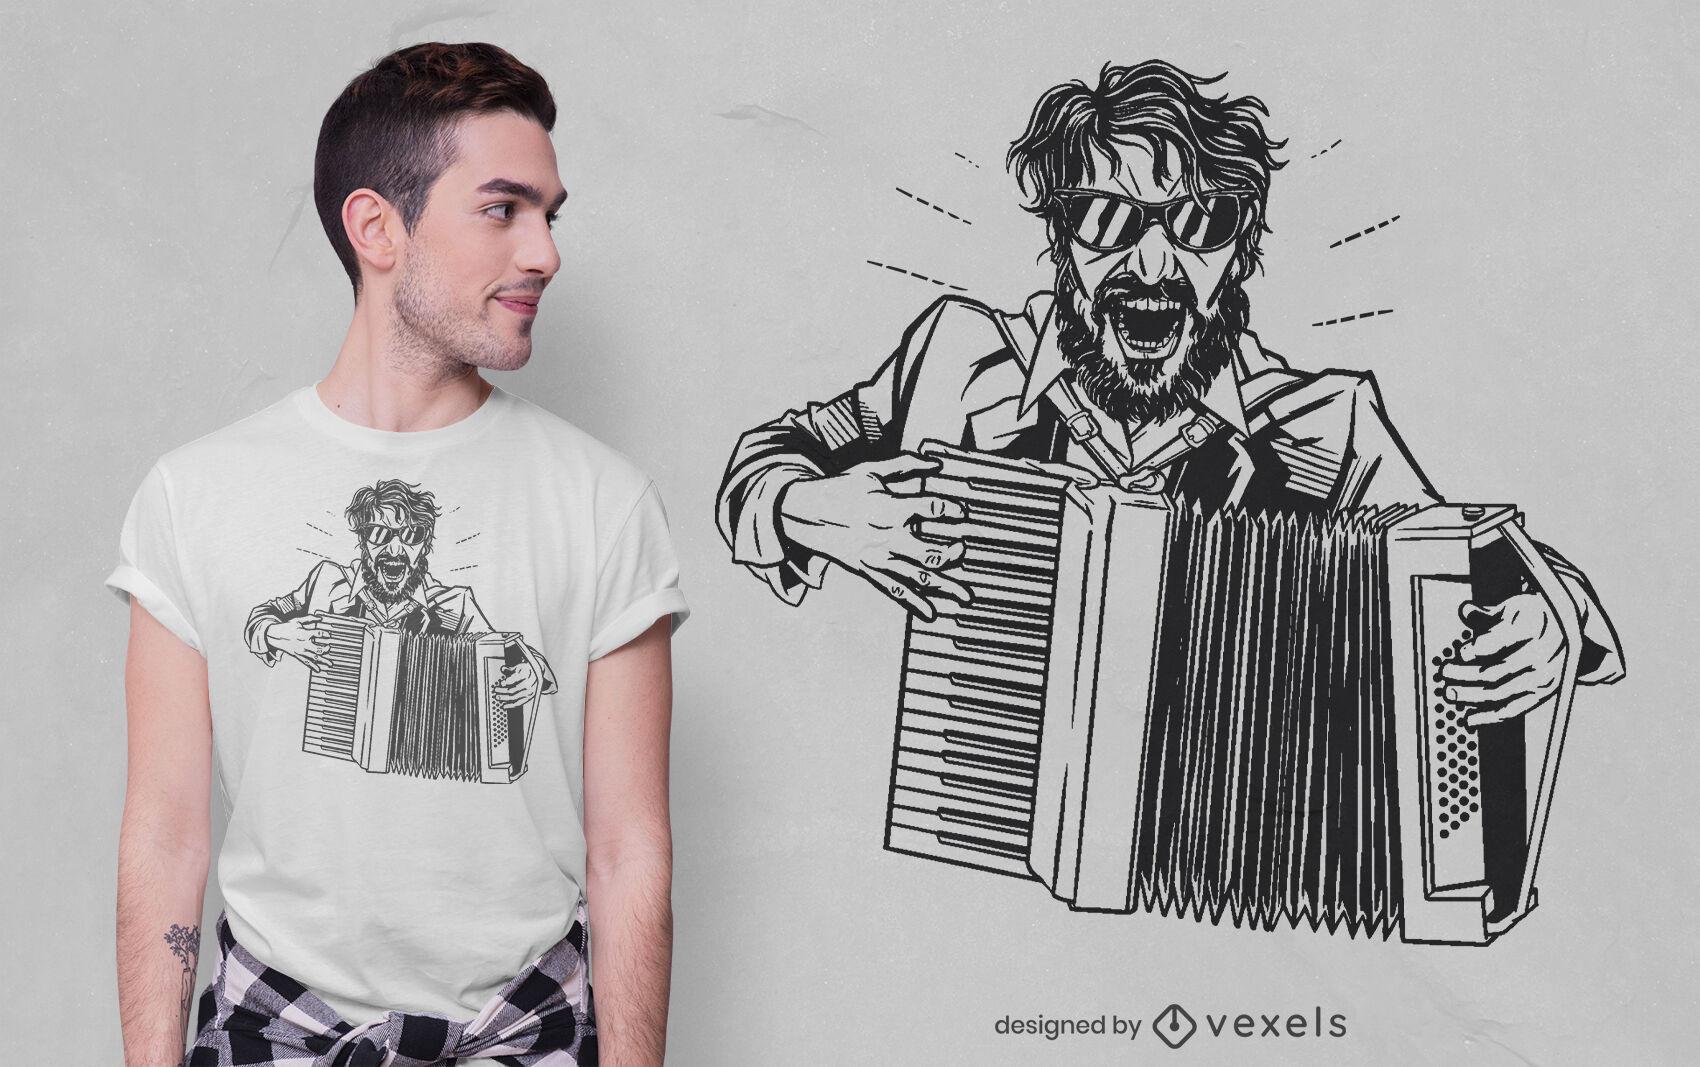 Dise?o de camiseta de jugador de acorde?n loco